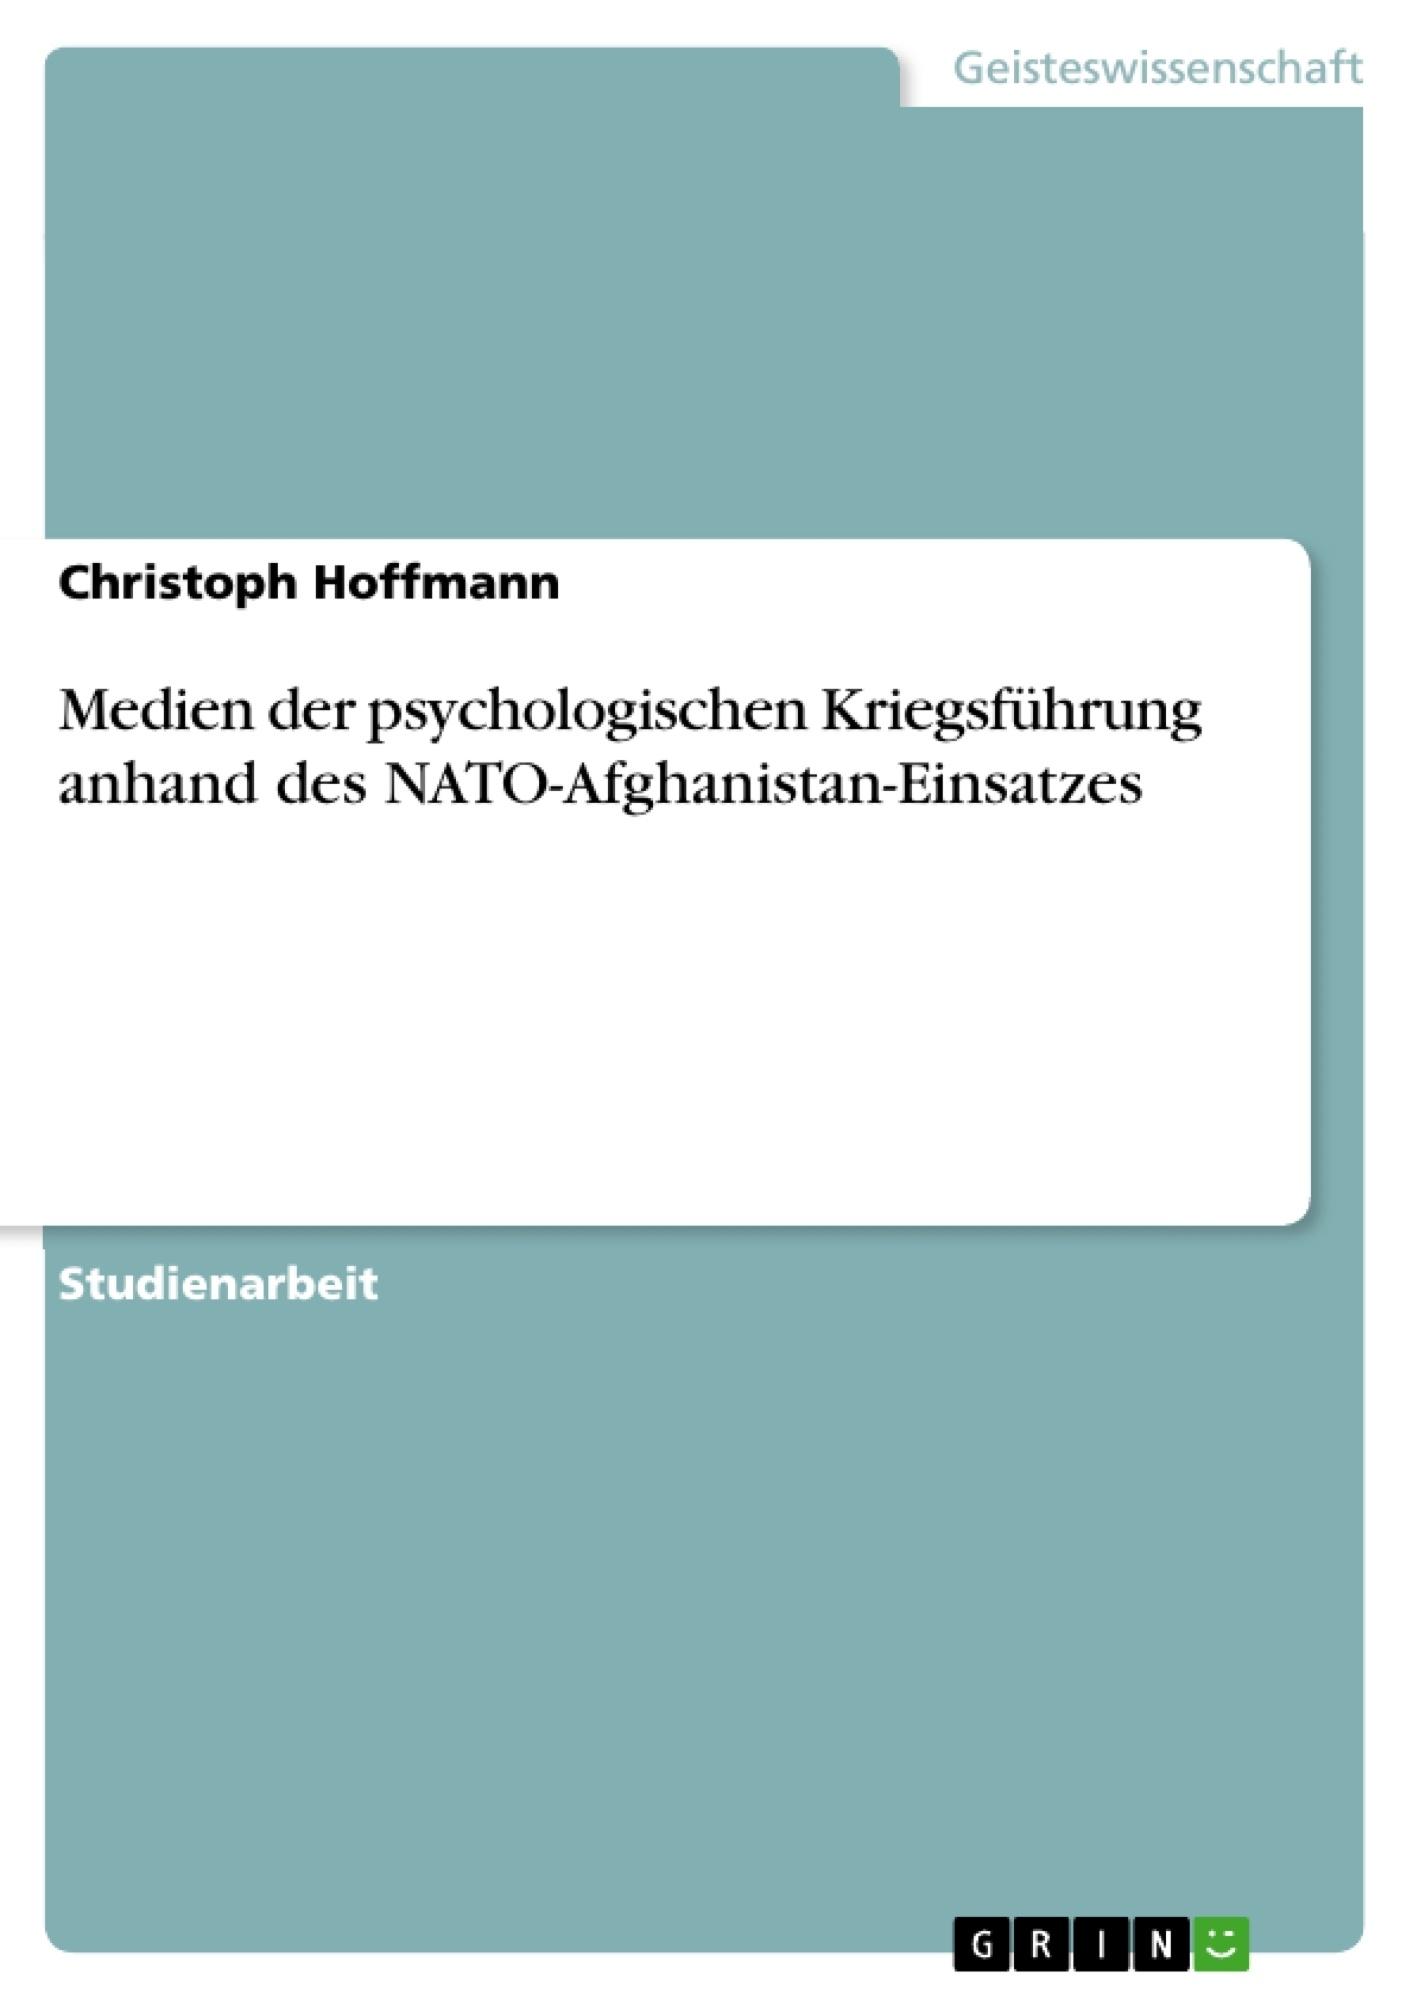 Titel: Medien der psychologischen Kriegsführung anhand des NATO-Afghanistan-Einsatzes